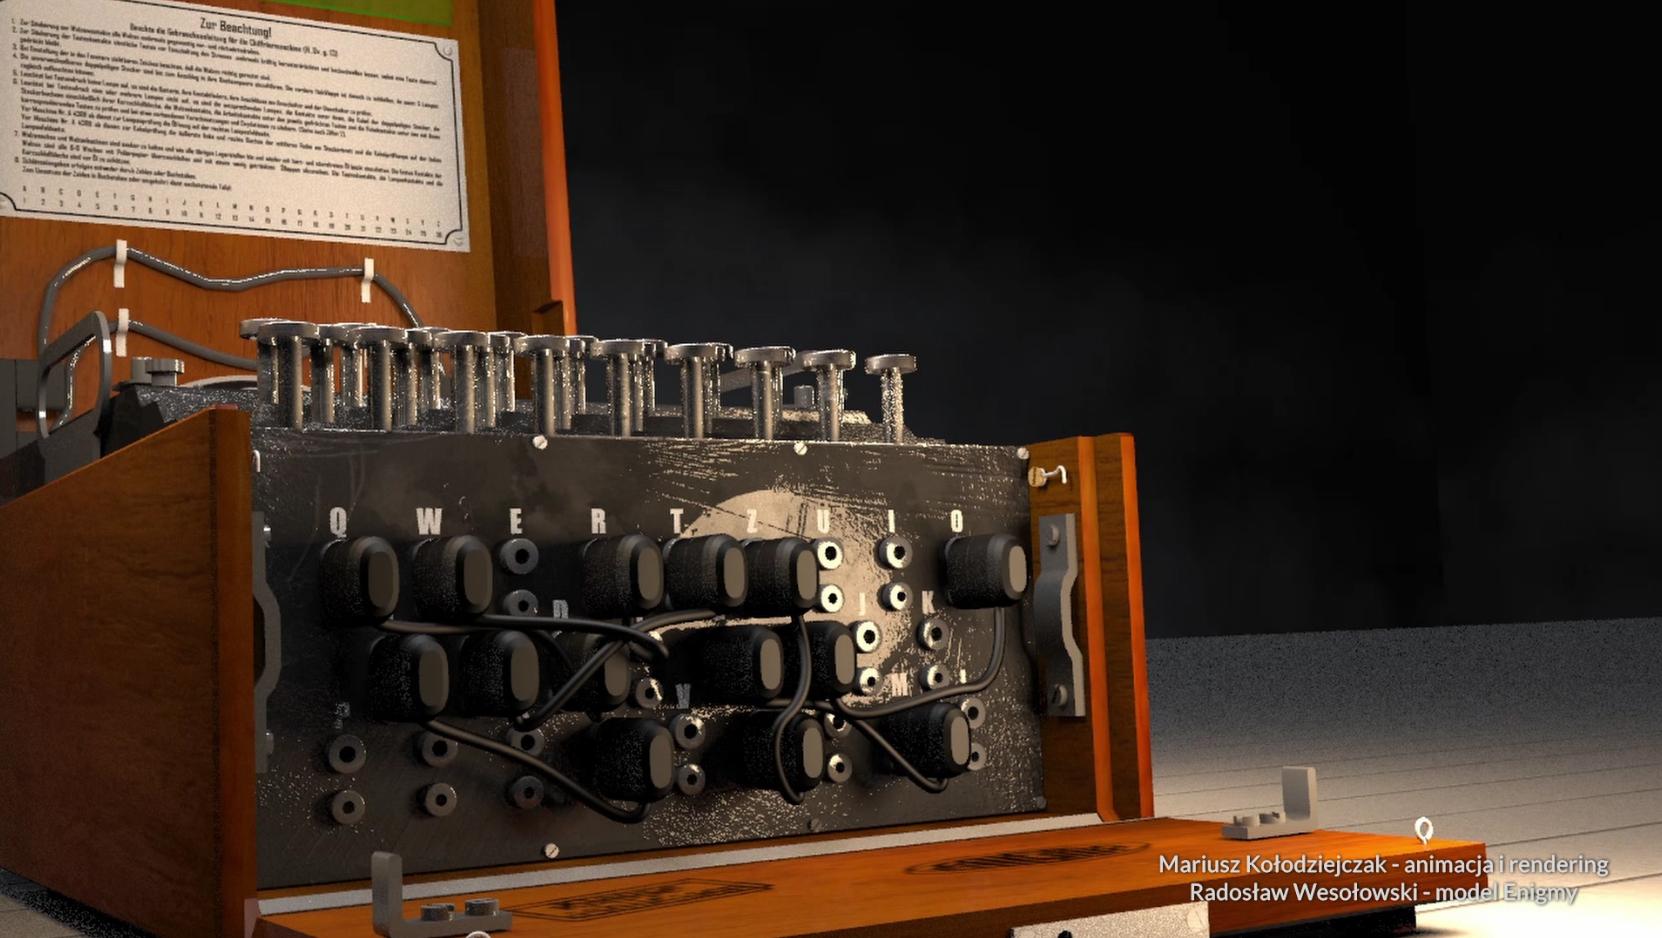 Łącznica wtyczkowa zastosowana w wojskowej wersji Enigmy znacząco zwiększała liczbę kombinacji szyfru.